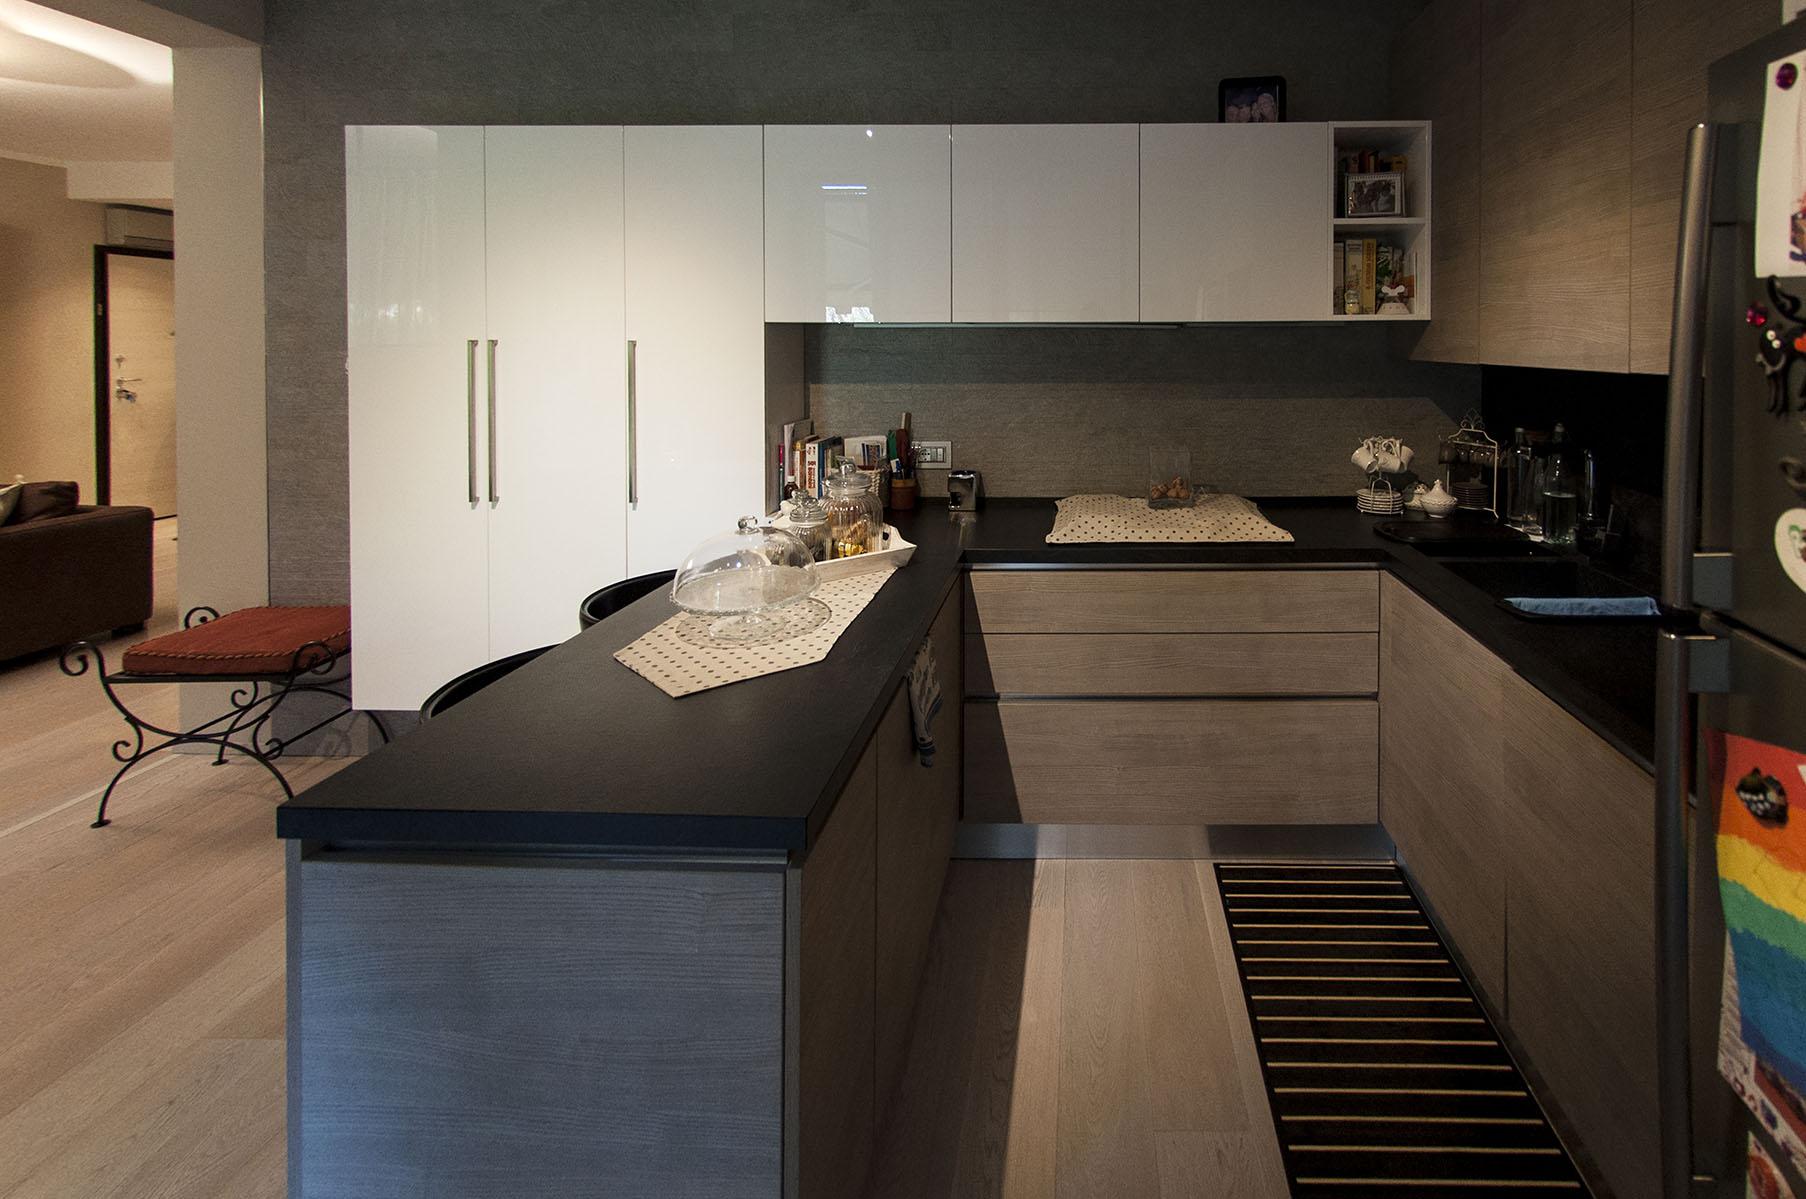 Appartamento luce e materia_11L.jpg